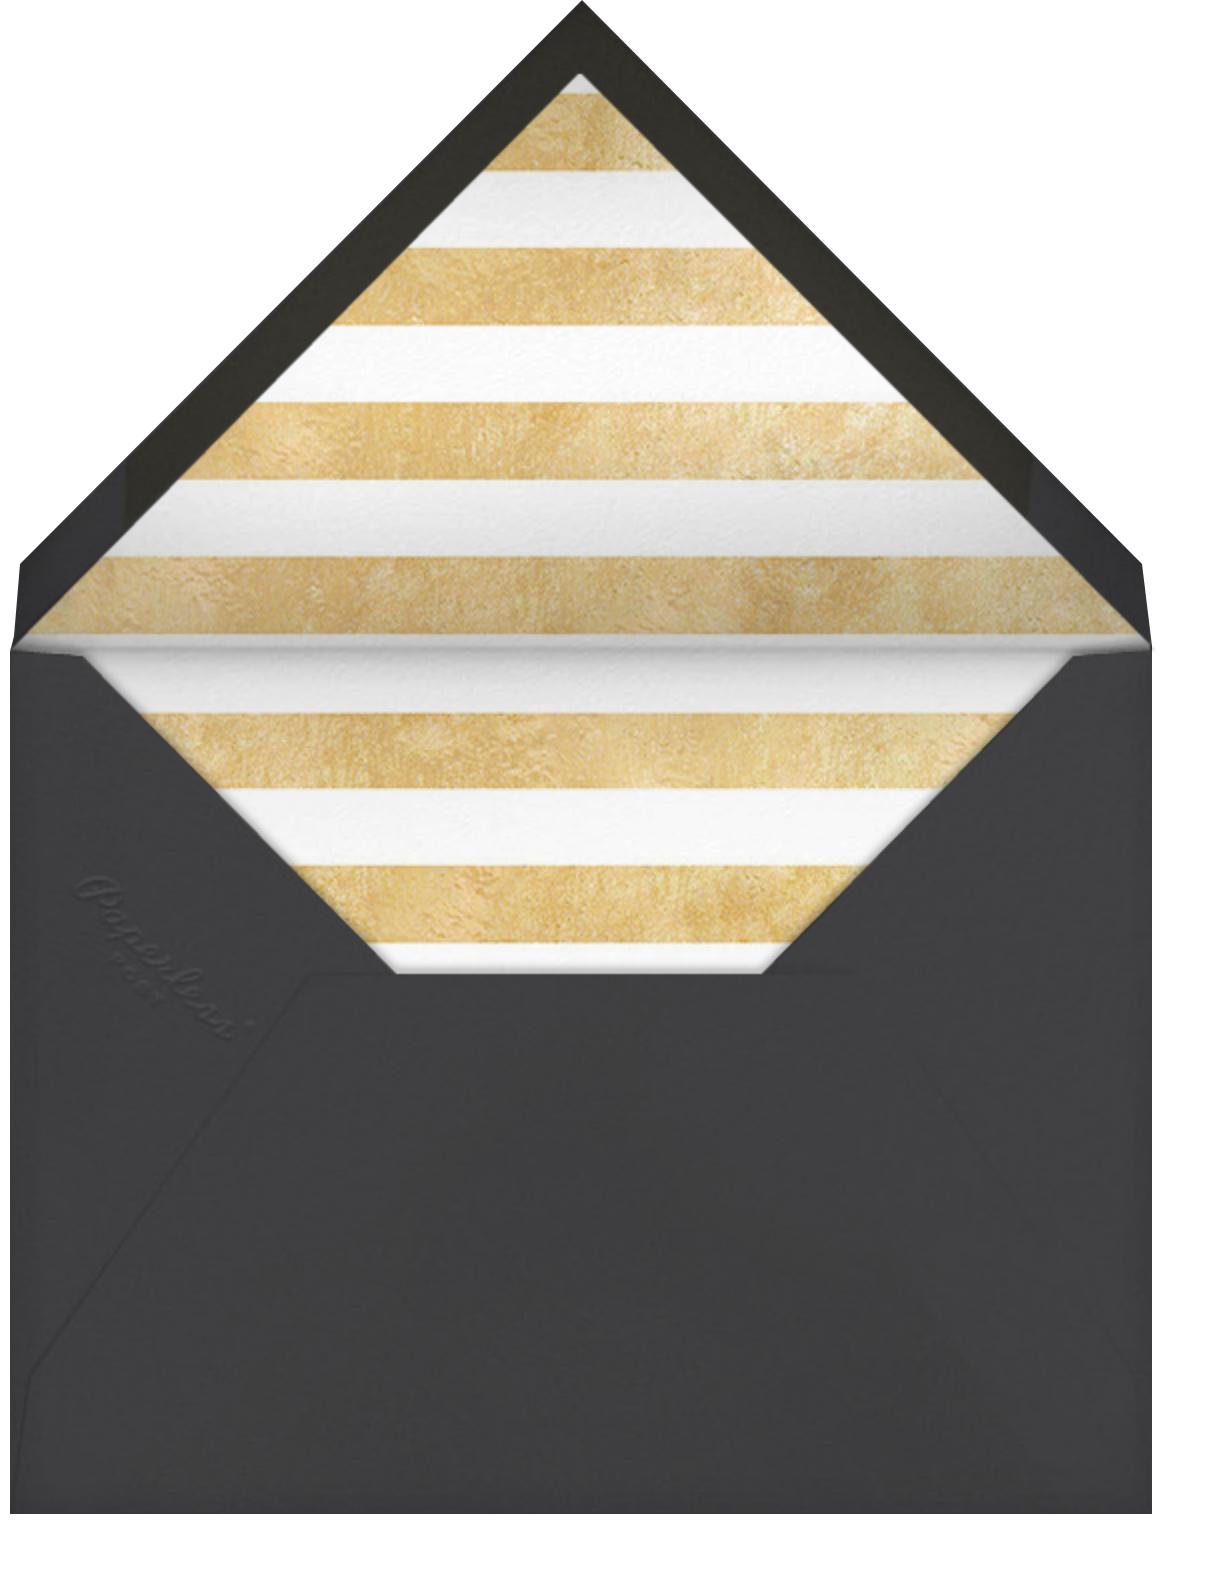 Balloons - Metallic - Paperless Post - Envelope